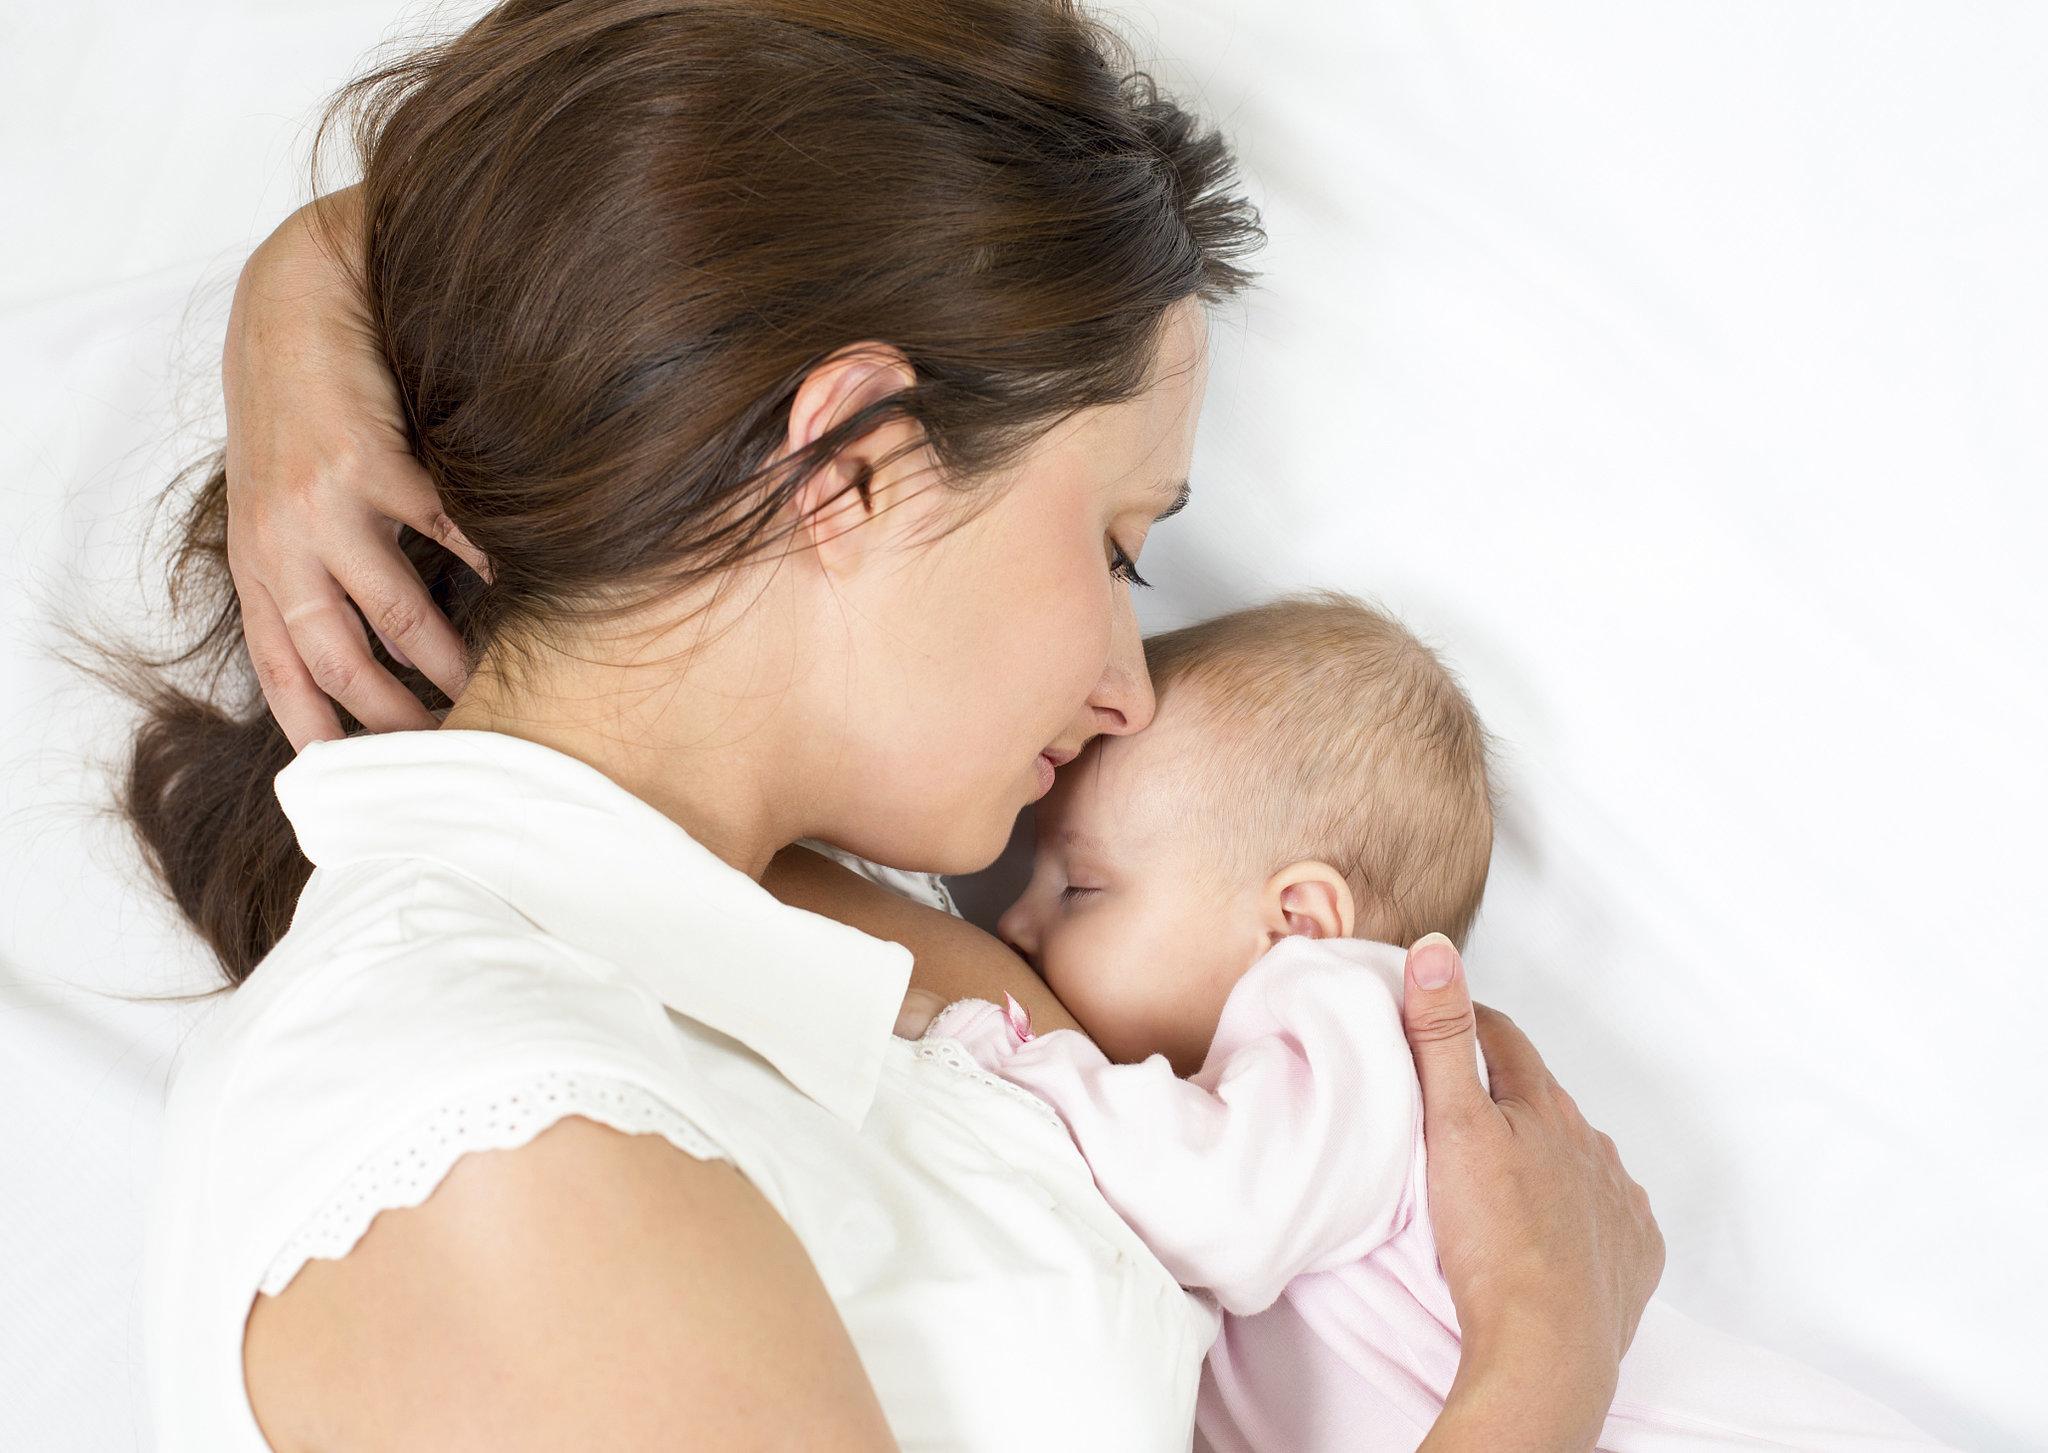 węch noworodka